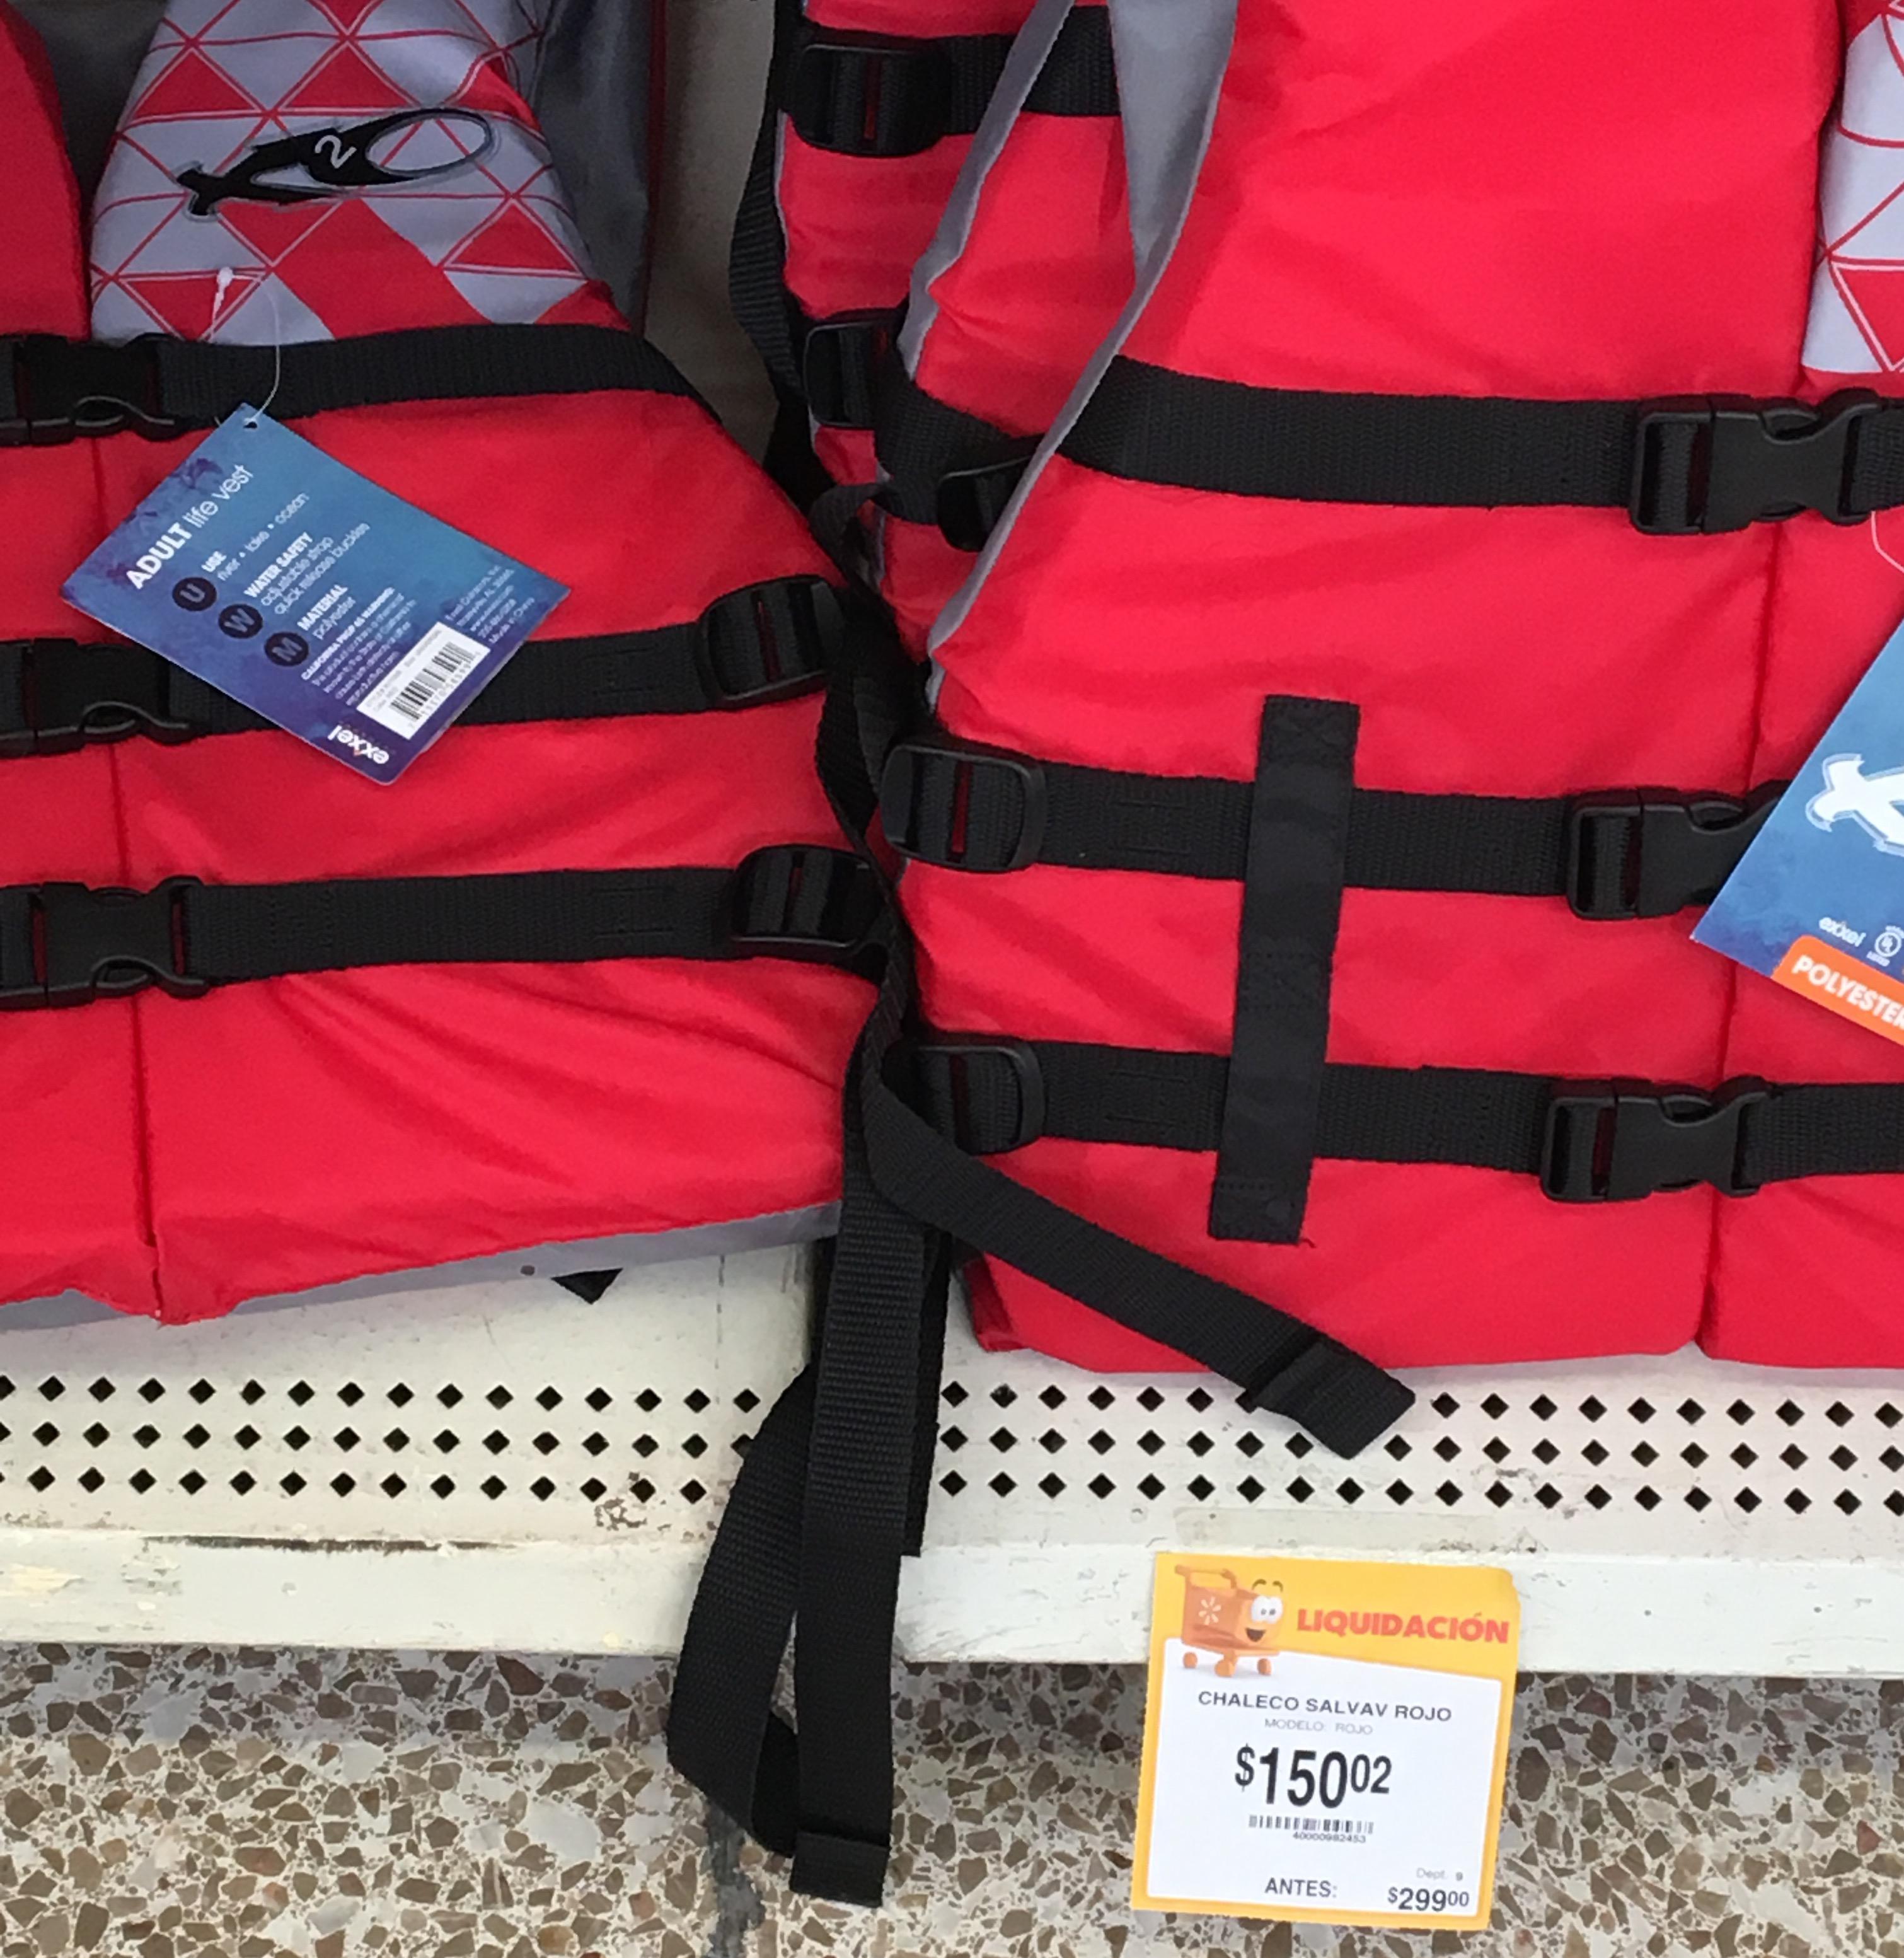 Walmart Suc. Taxqueña CDMX: chaleco salvavidas rojo para adulto marca EXXEL a $150.02, rollo doble pequeño marca Barkys a $12.02